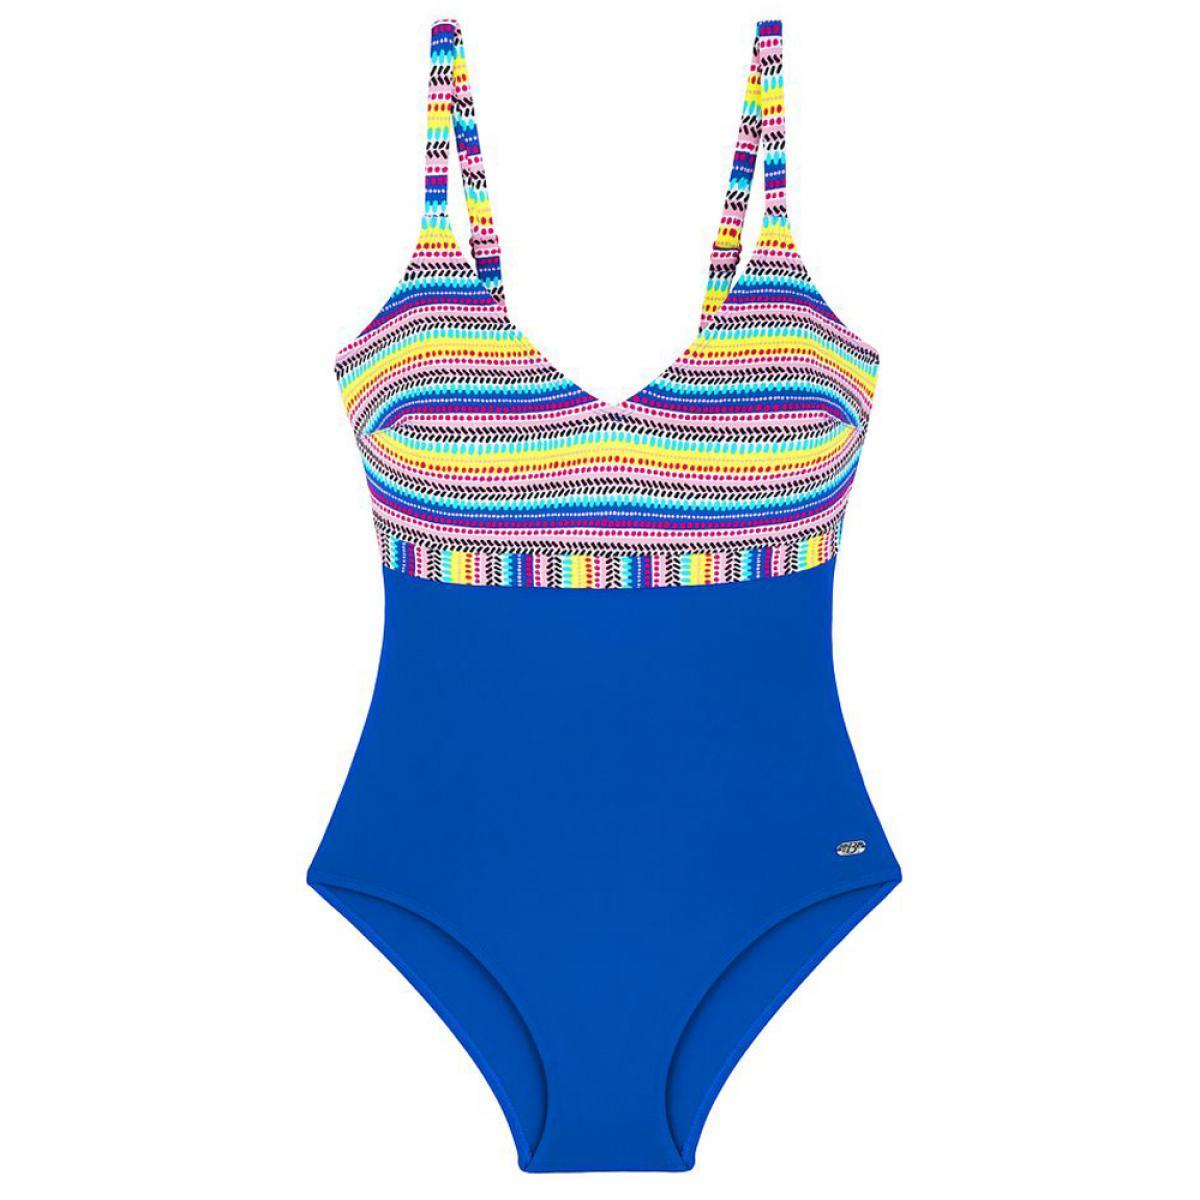 Maillot de bain une pièce sans armatures Bestform maillot Maillot de bain une pièce sans armatures multicolore